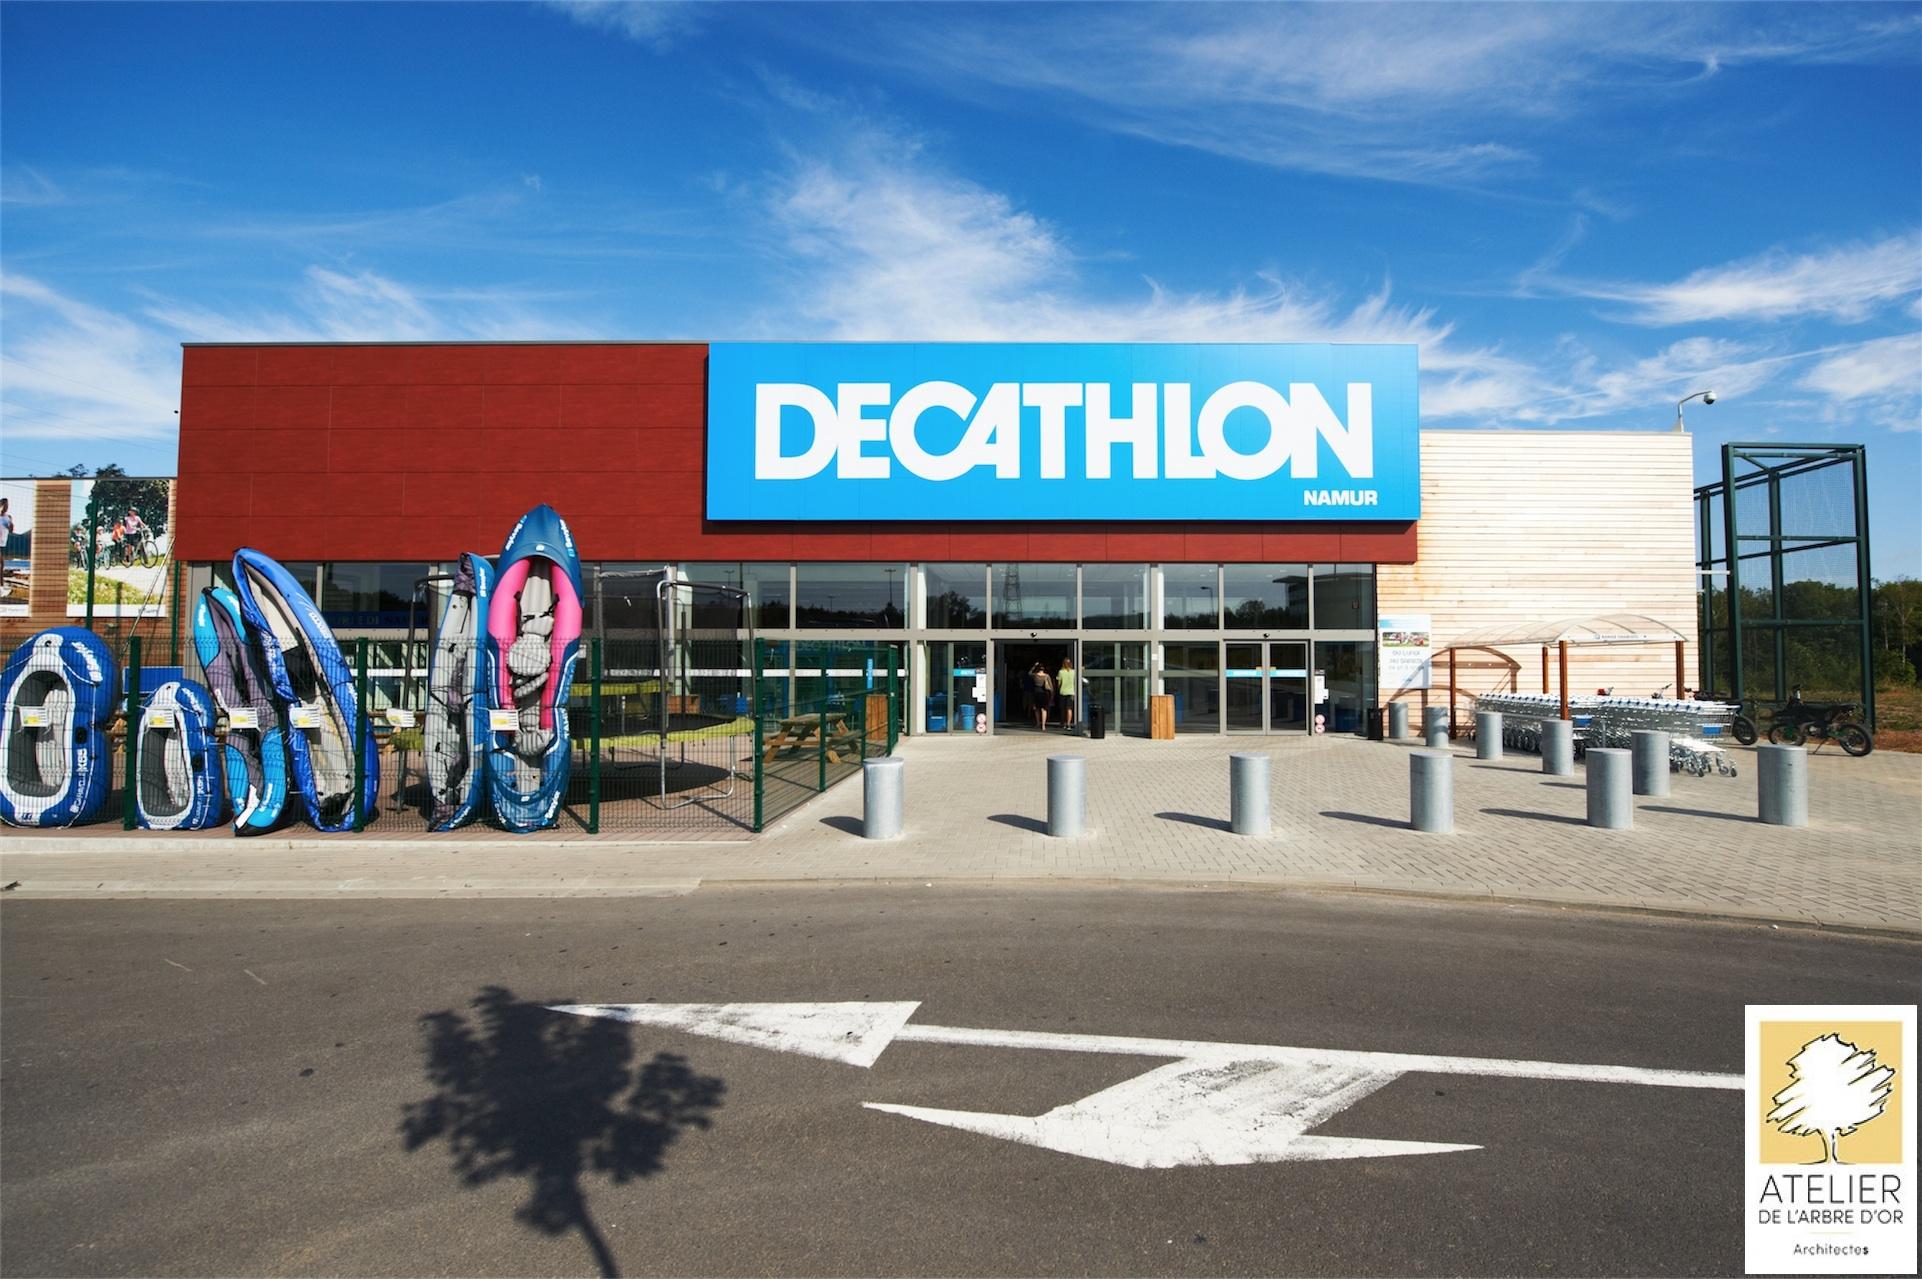 Caisson Lumineux Decathlon Namur